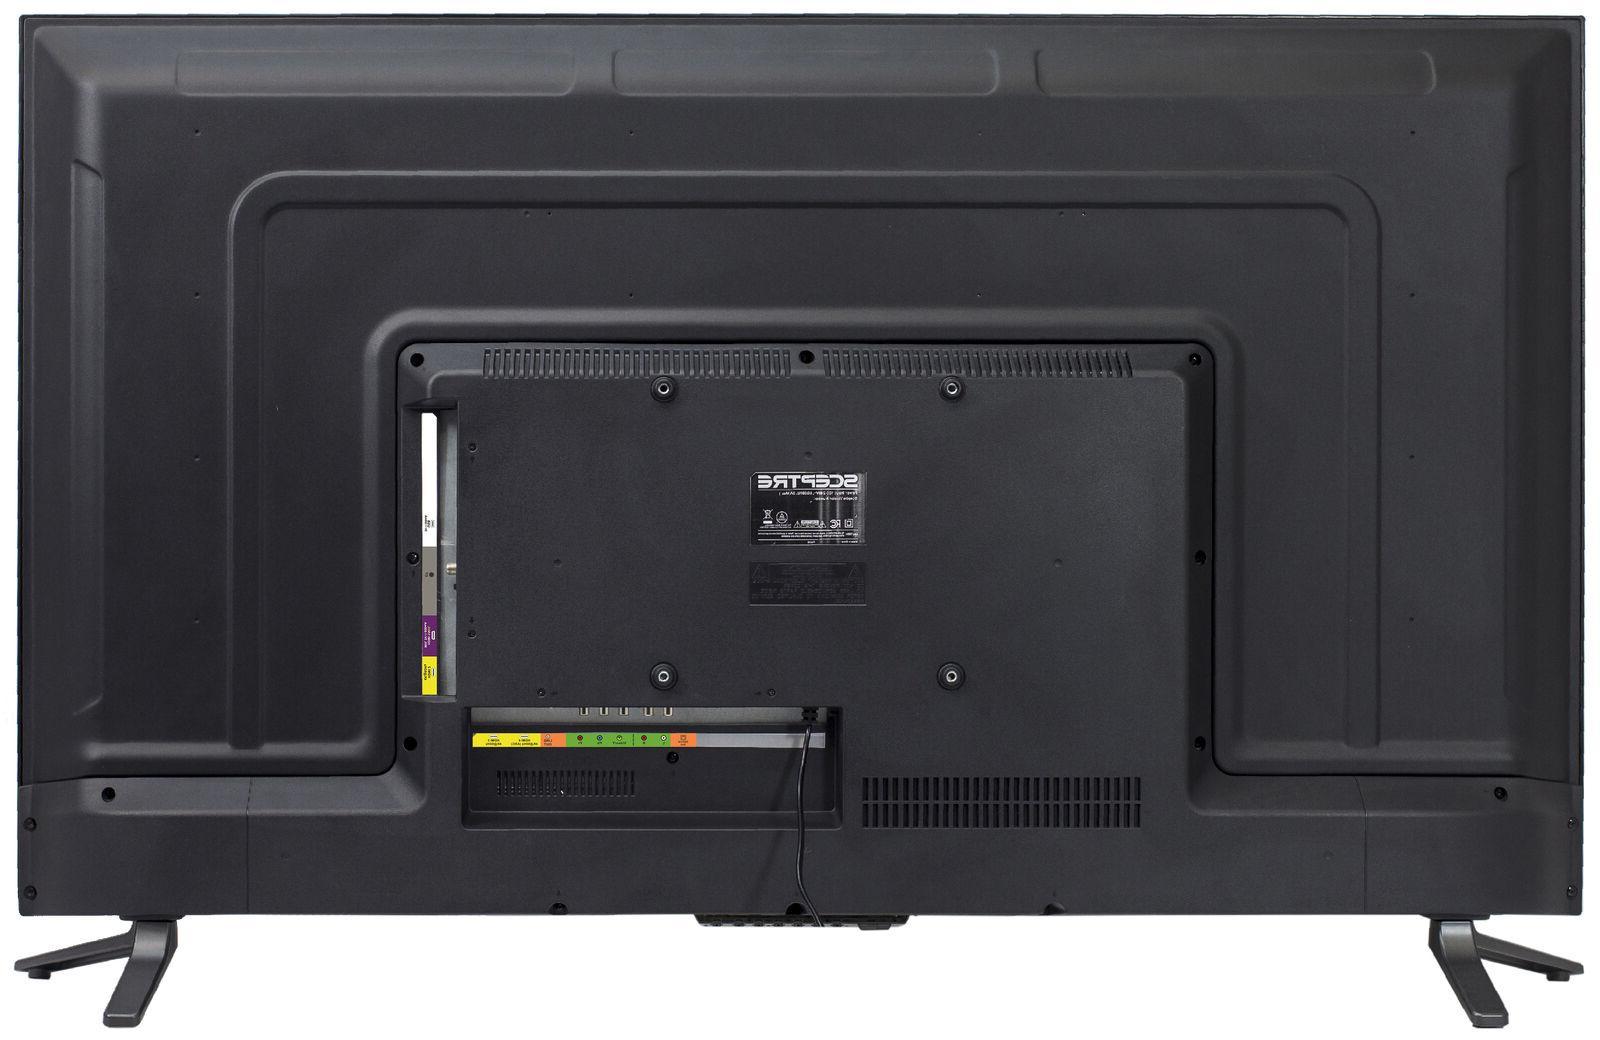 New Free shipping 50 4K 2160p 60 Hz LED TV U515CV-U